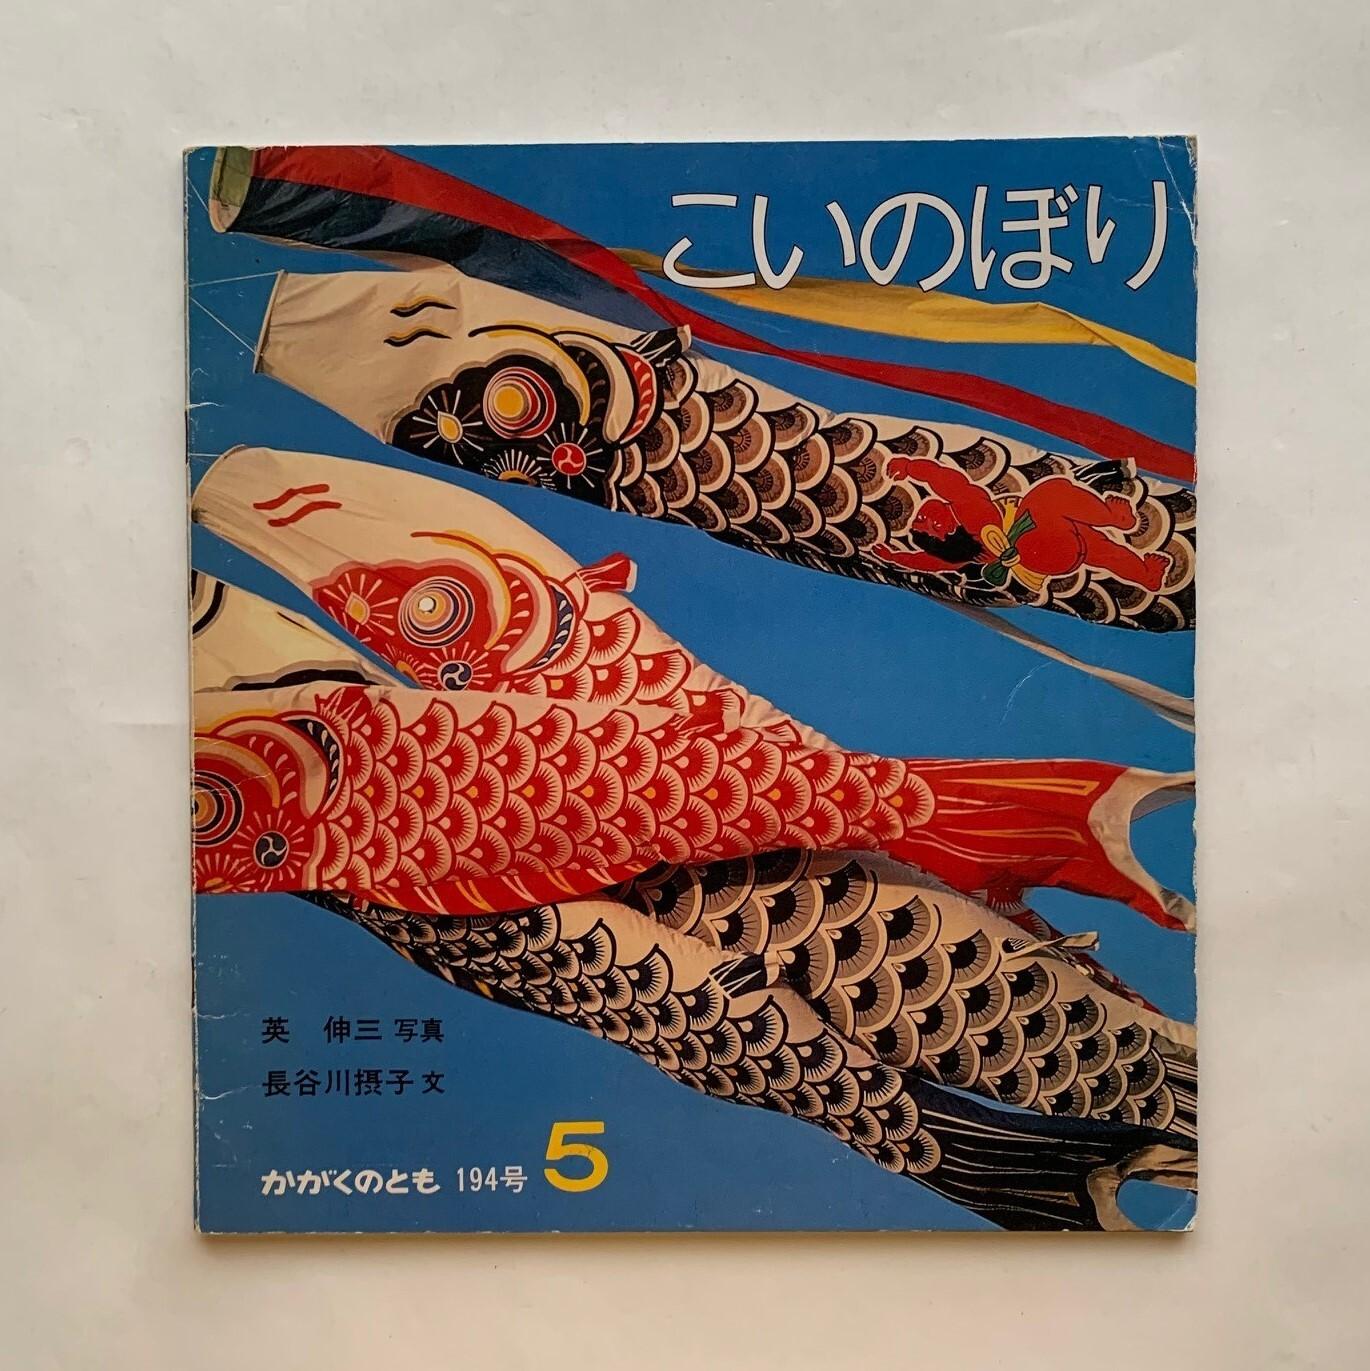 こいのぼり / かがくのとも194号 / 1985年5月号 / 英 伸三